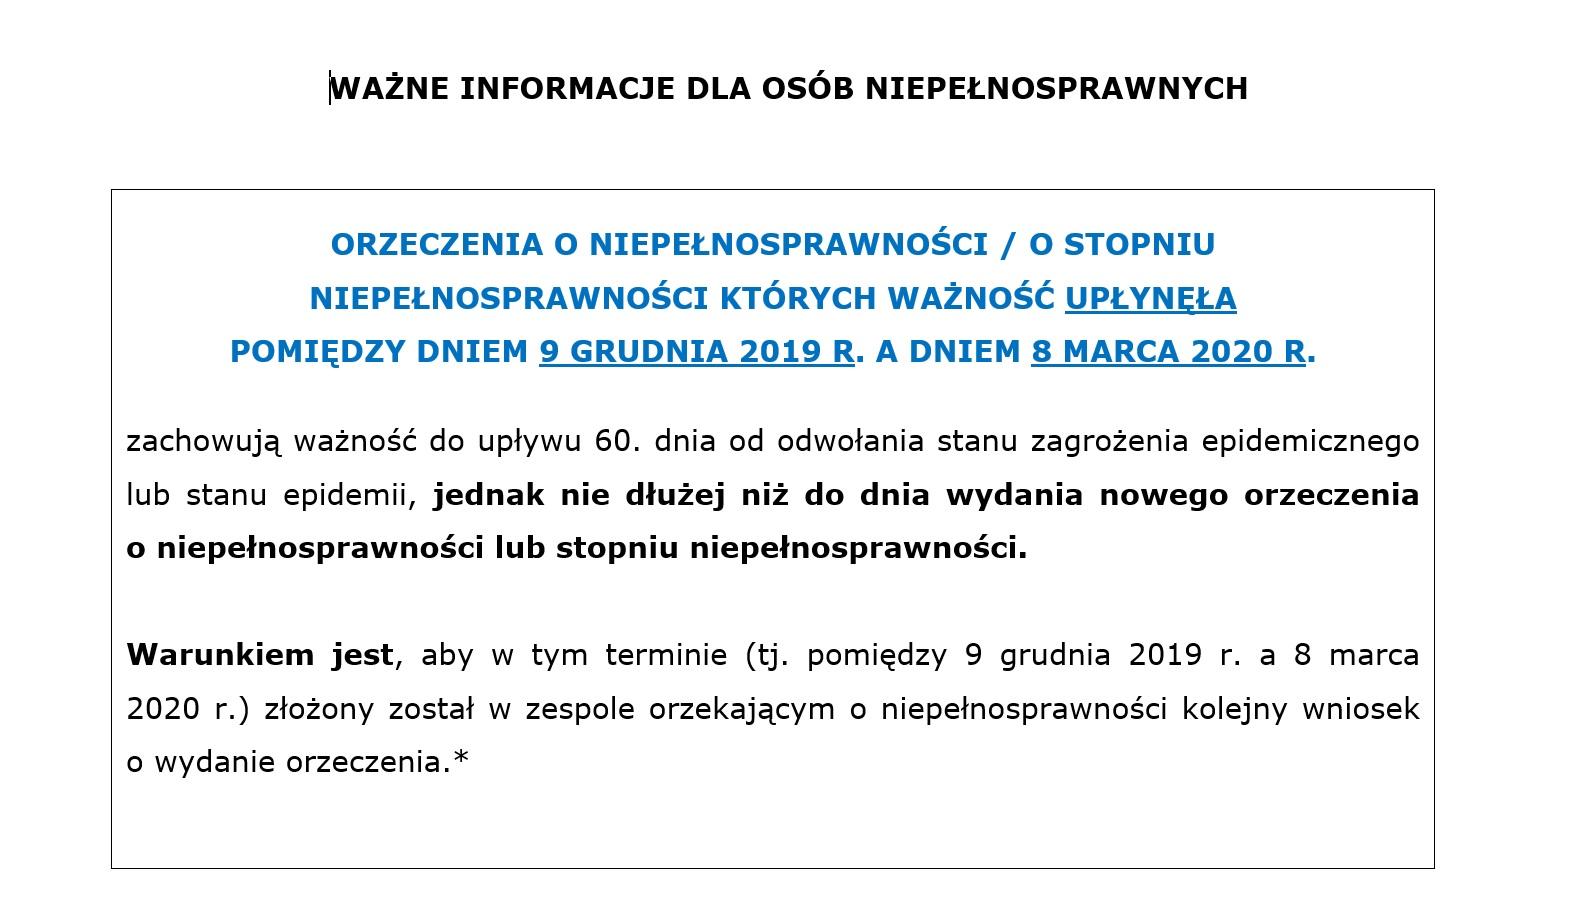 Randki z kobietami i dziewczynami we Wrocawiu dietformula.net